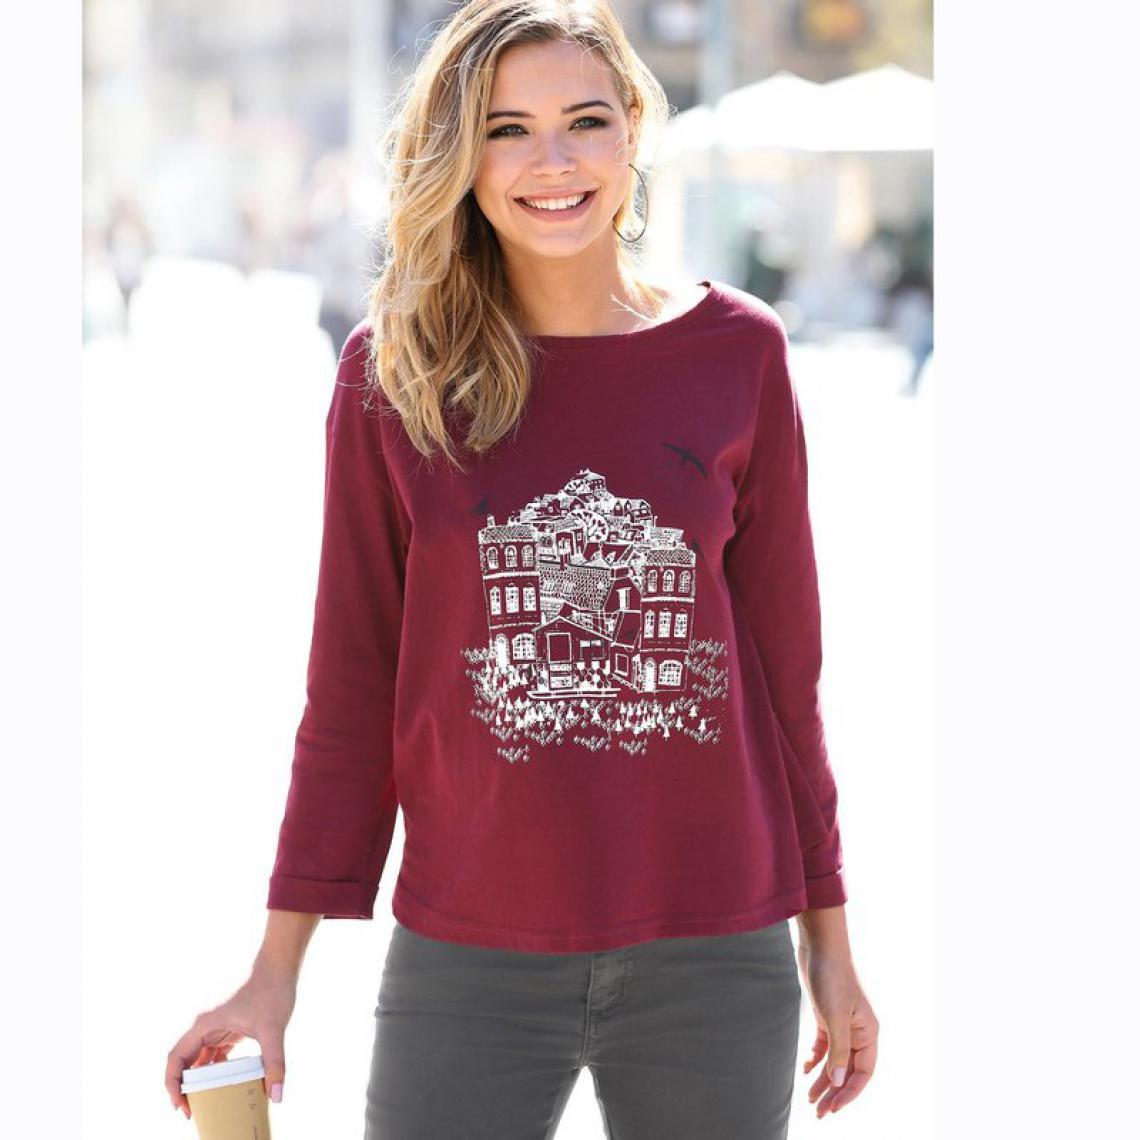 caa82805a46 Tee-shirt manches longues imprimé femme - Rouge 3 SUISSES